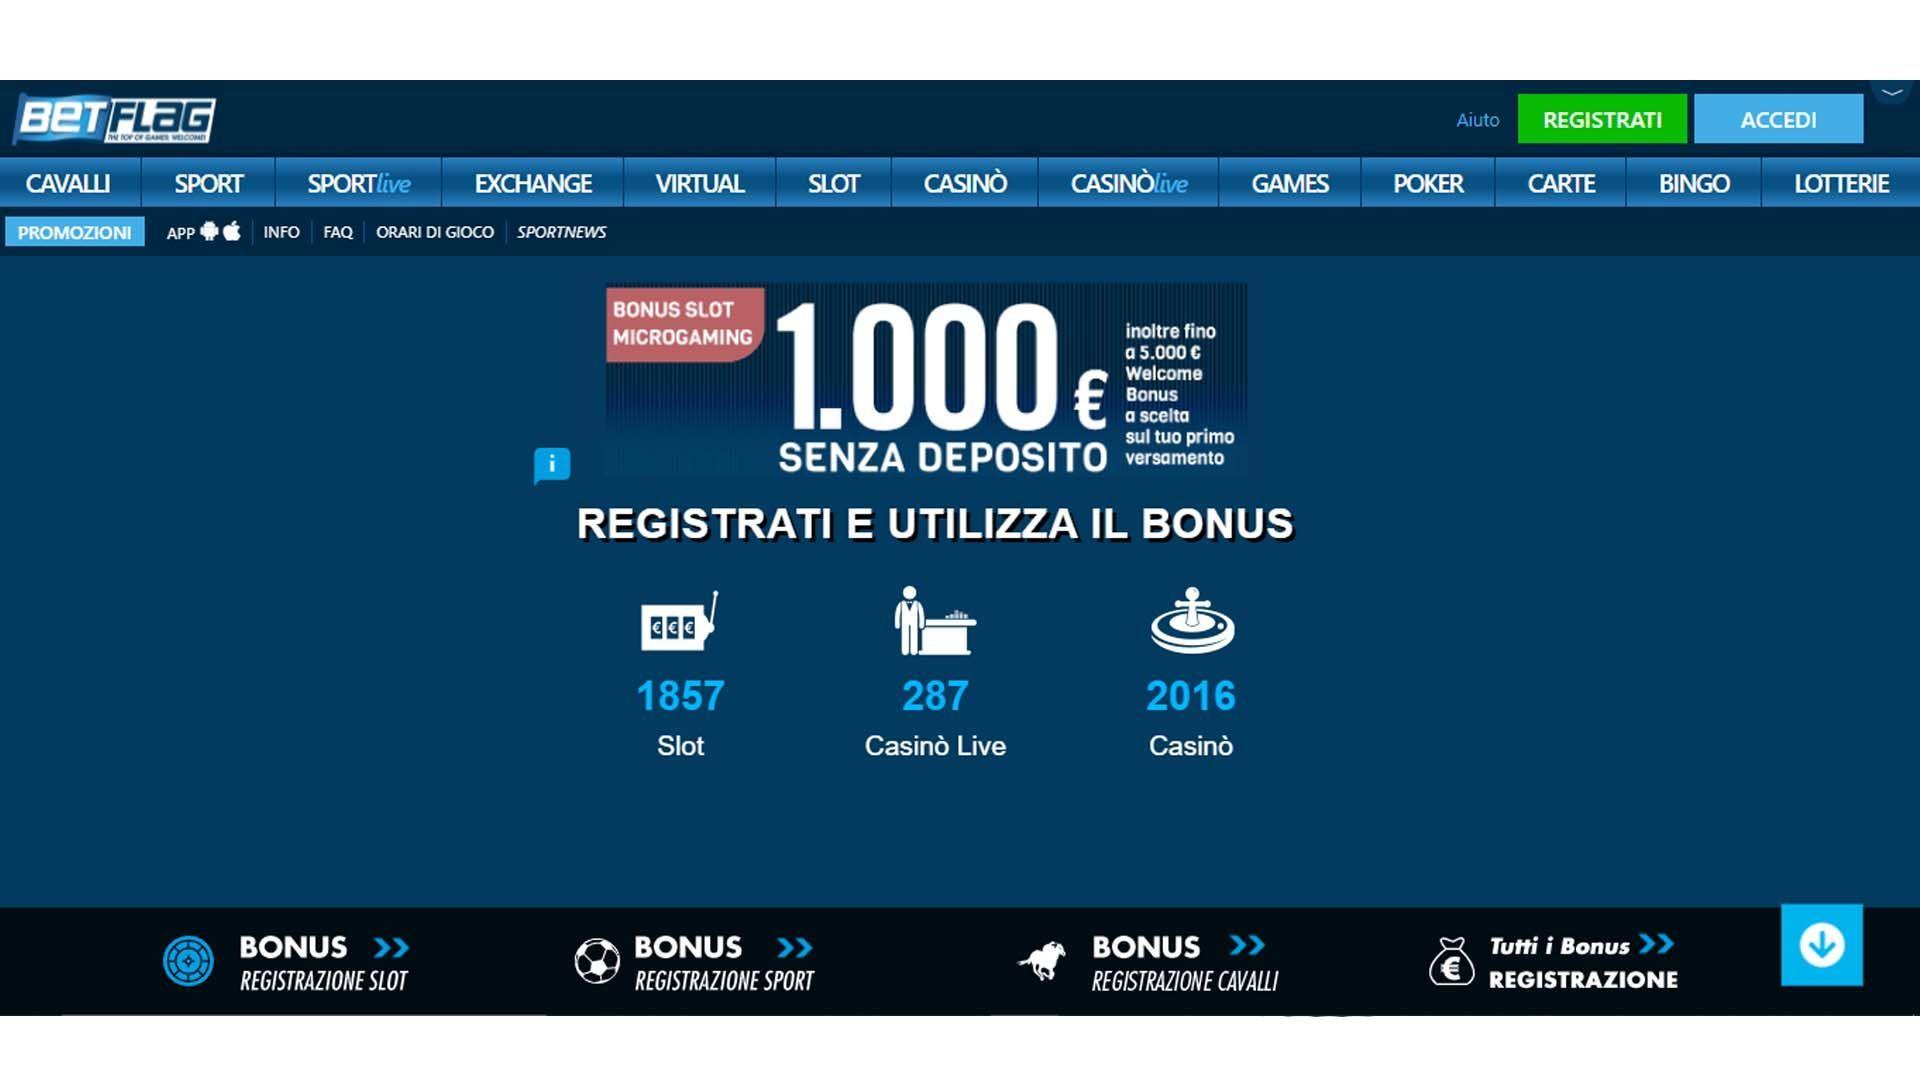 BetFlag Casino Online HomePage Shot